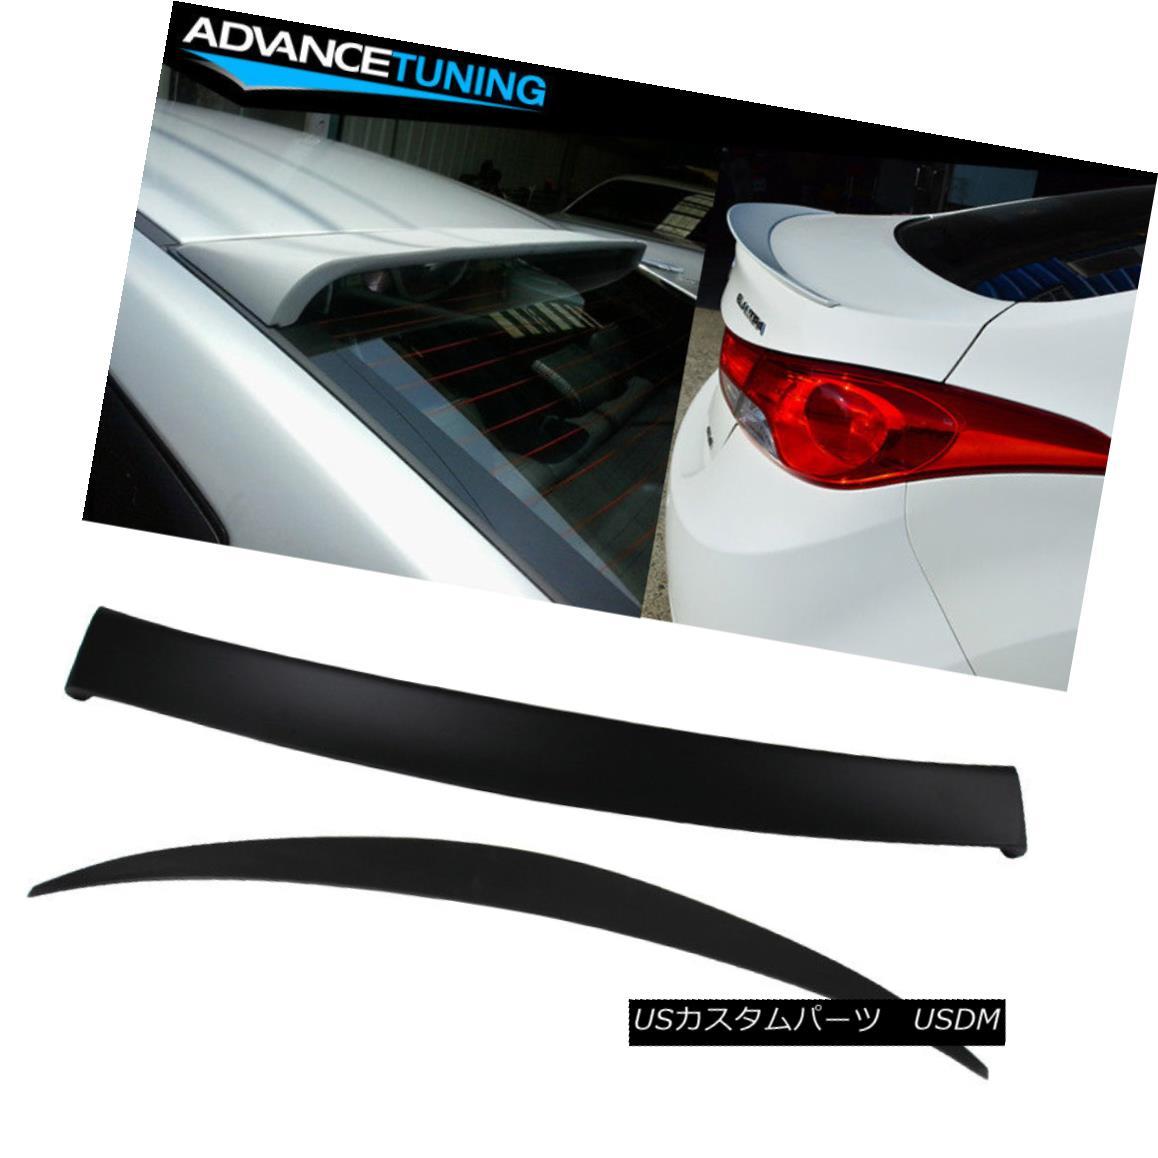 エアロパーツ Fits 10-15 Hyundai Elantra 4Dr OE Style Trunk + Roof Spoiler Unpainted ABS 現代エラントラ4Dr OEスタイルトランク+ルーフスポイラー無塗装ABS